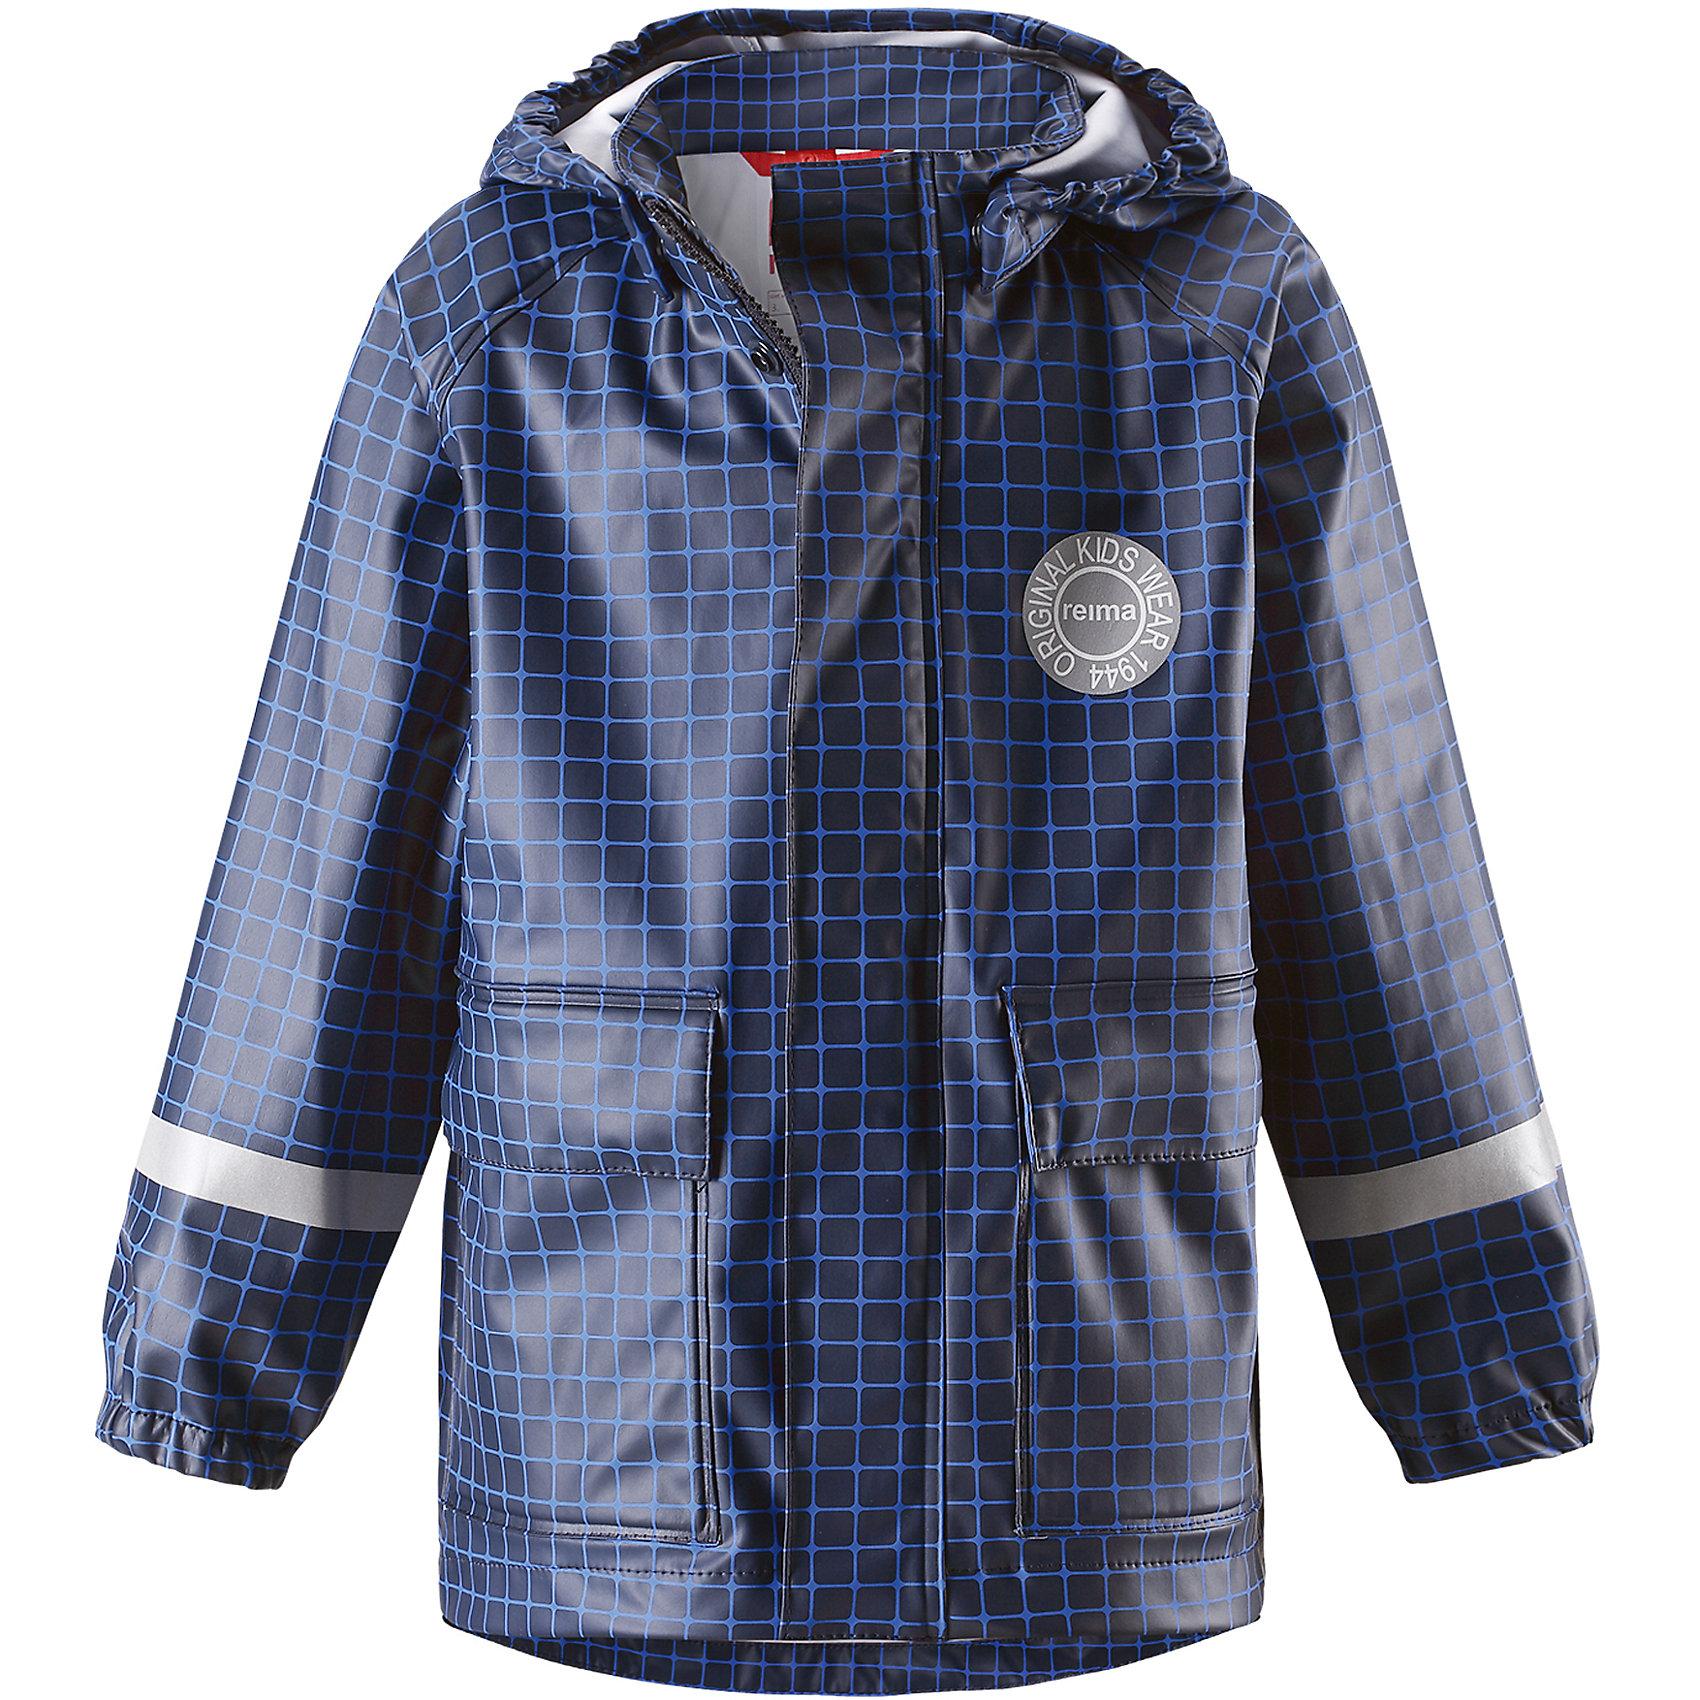 Плащ-дождевик Vihma для мальчика ReimaОдежда<br>Характеристики товара:<br><br>• цвет: синий<br>• состав: 100% полиэстер, полиуретановое покрытие<br>• температурный режим от +10°до +20°С<br>• водонепроницаемость: 10000 мм<br>• без утеплителя<br>• водонепроницаемый материал с запаянными швами<br>• можно пристегиватьпромежуточные слои Reima® с помощью кнопок Play Layers®<br>• эластичный материал<br>• не содержит ПВХ<br>• безопасный съёмный капюшон<br>• два накладных кармана<br>• спереди застёгивается на молнию<br>• светоотражающие детали<br>• комфортная посадка<br>• страна производства: Китай<br>• страна бренда: Финляндия<br>• коллекция: весна-лето 2017<br><br>В межсезонье верхняя одежда для детей может быть модной и комфортной одновременно! Легкая куртка поможет обеспечить ребенку комфорт и тепло. Она отлично смотрится с различной одеждой и обувью. Изделие удобно сидит и модно выглядит. Материал - прочный, хорошо подходящий для дождливой погоды. Стильный дизайн разрабатывался специально для детей.<br><br>Одежда и обувь от финского бренда Reima пользуется популярностью во многих странах. Эти изделия стильные, качественные и удобные. Для производства продукции используются только безопасные, проверенные материалы и фурнитура. Порадуйте ребенка модными и красивыми вещами от Reima! <br><br>Куртку для мальчика от финского бренда Reima (Рейма) можно купить в нашем интернет-магазине.<br><br>Ширина мм: 356<br>Глубина мм: 10<br>Высота мм: 245<br>Вес г: 519<br>Цвет: синий<br>Возраст от месяцев: 48<br>Возраст до месяцев: 60<br>Пол: Мужской<br>Возраст: Детский<br>Размер: 110,140,104,116,122,128,134<br>SKU: 5270397